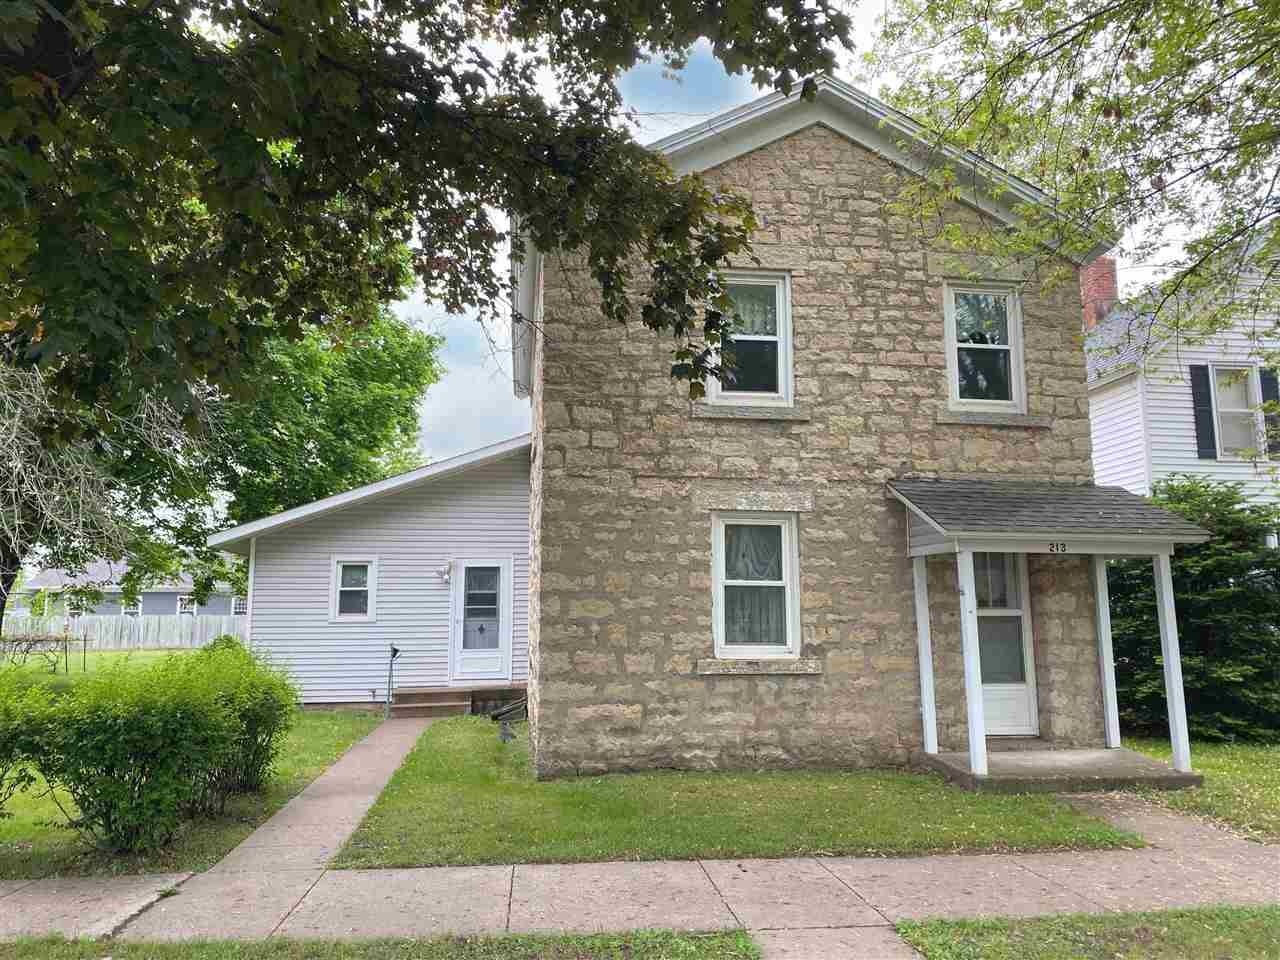 213 S Ohio St, Prairie du Chien, WI 53821 - #: 1909848